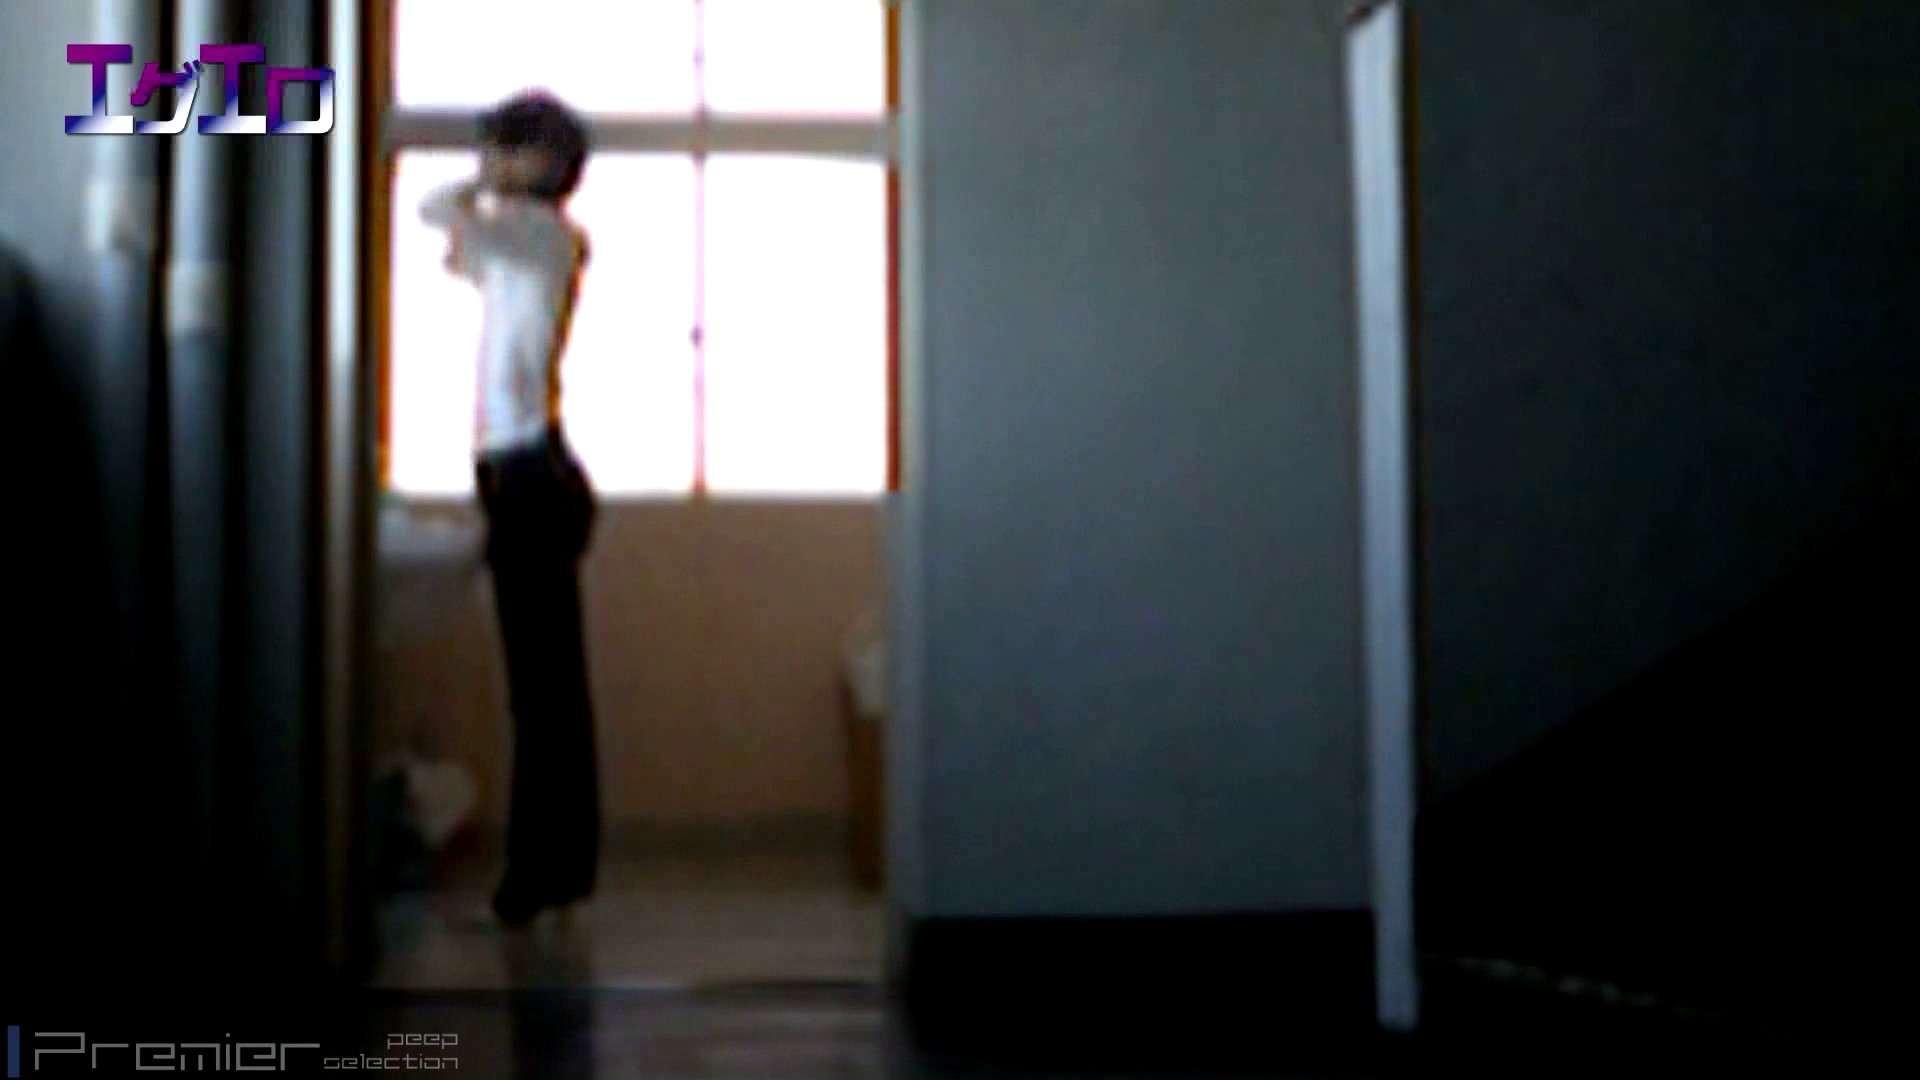 至近距離洗面所 Vol.09夏ギャルキタ~和式トイレ放nyoショー トイレの中の女の子   洗面所  34連発 11